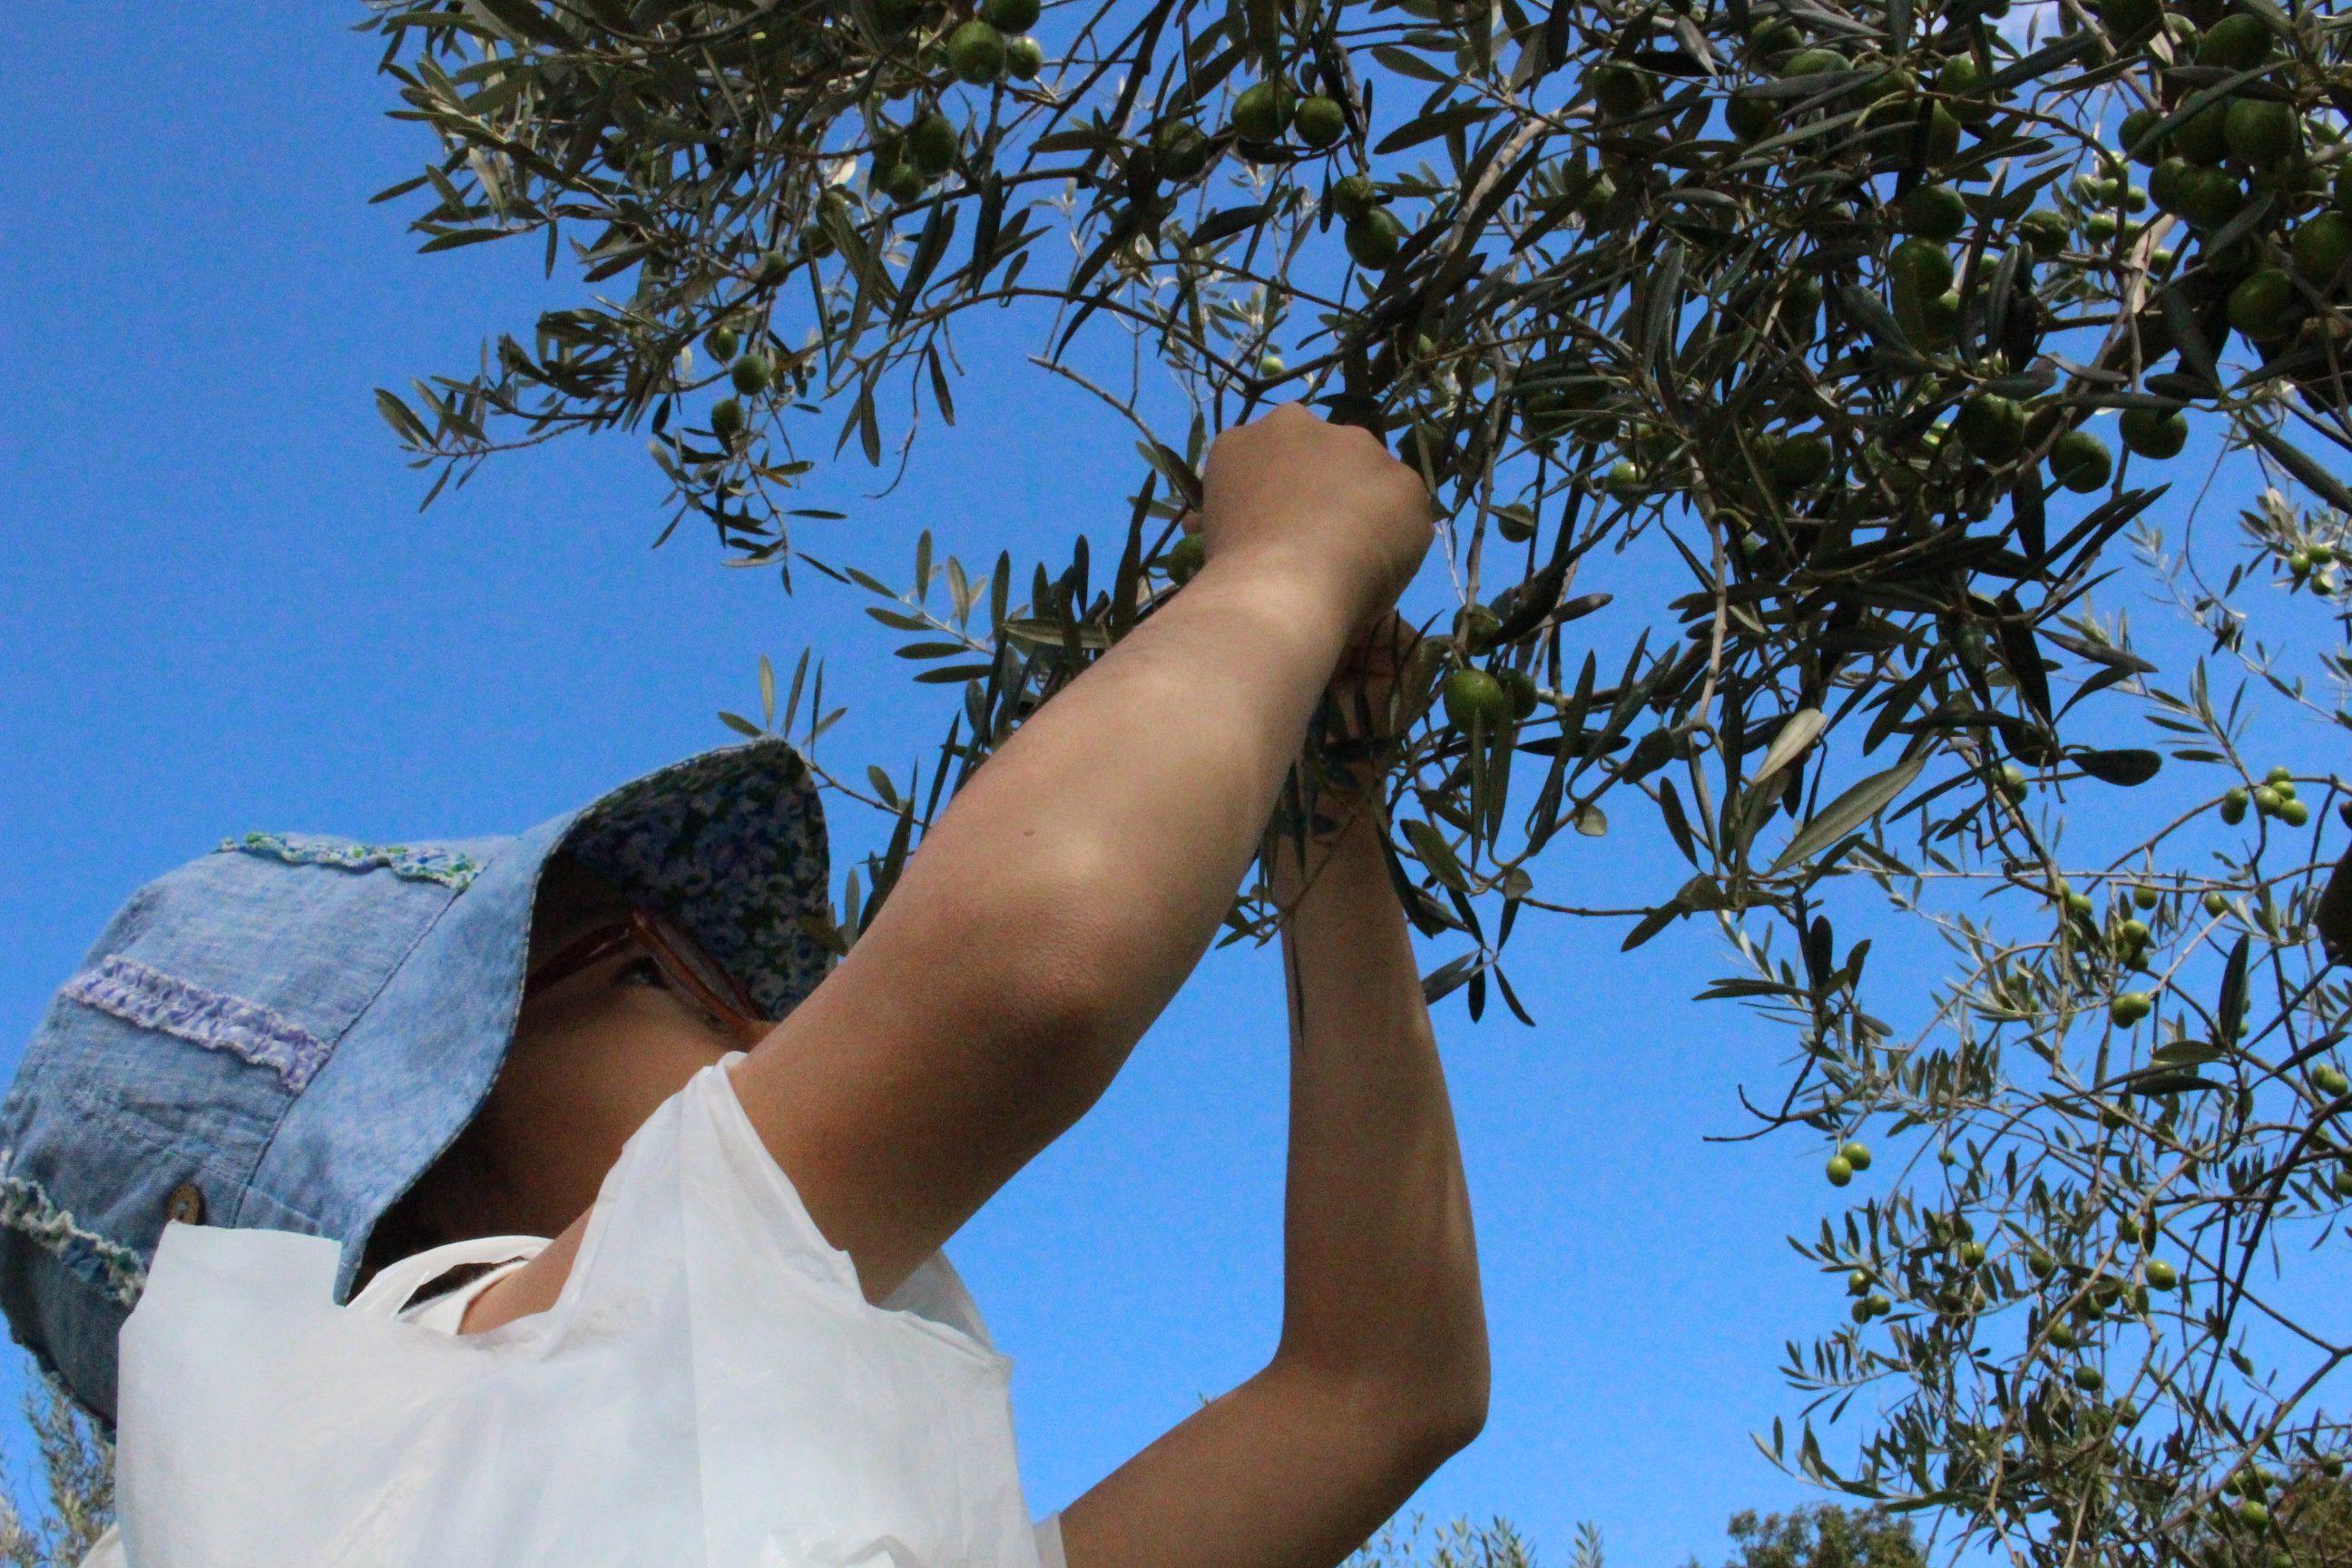 【農園だより】オリーブ収穫体験&浅漬け作り方講習